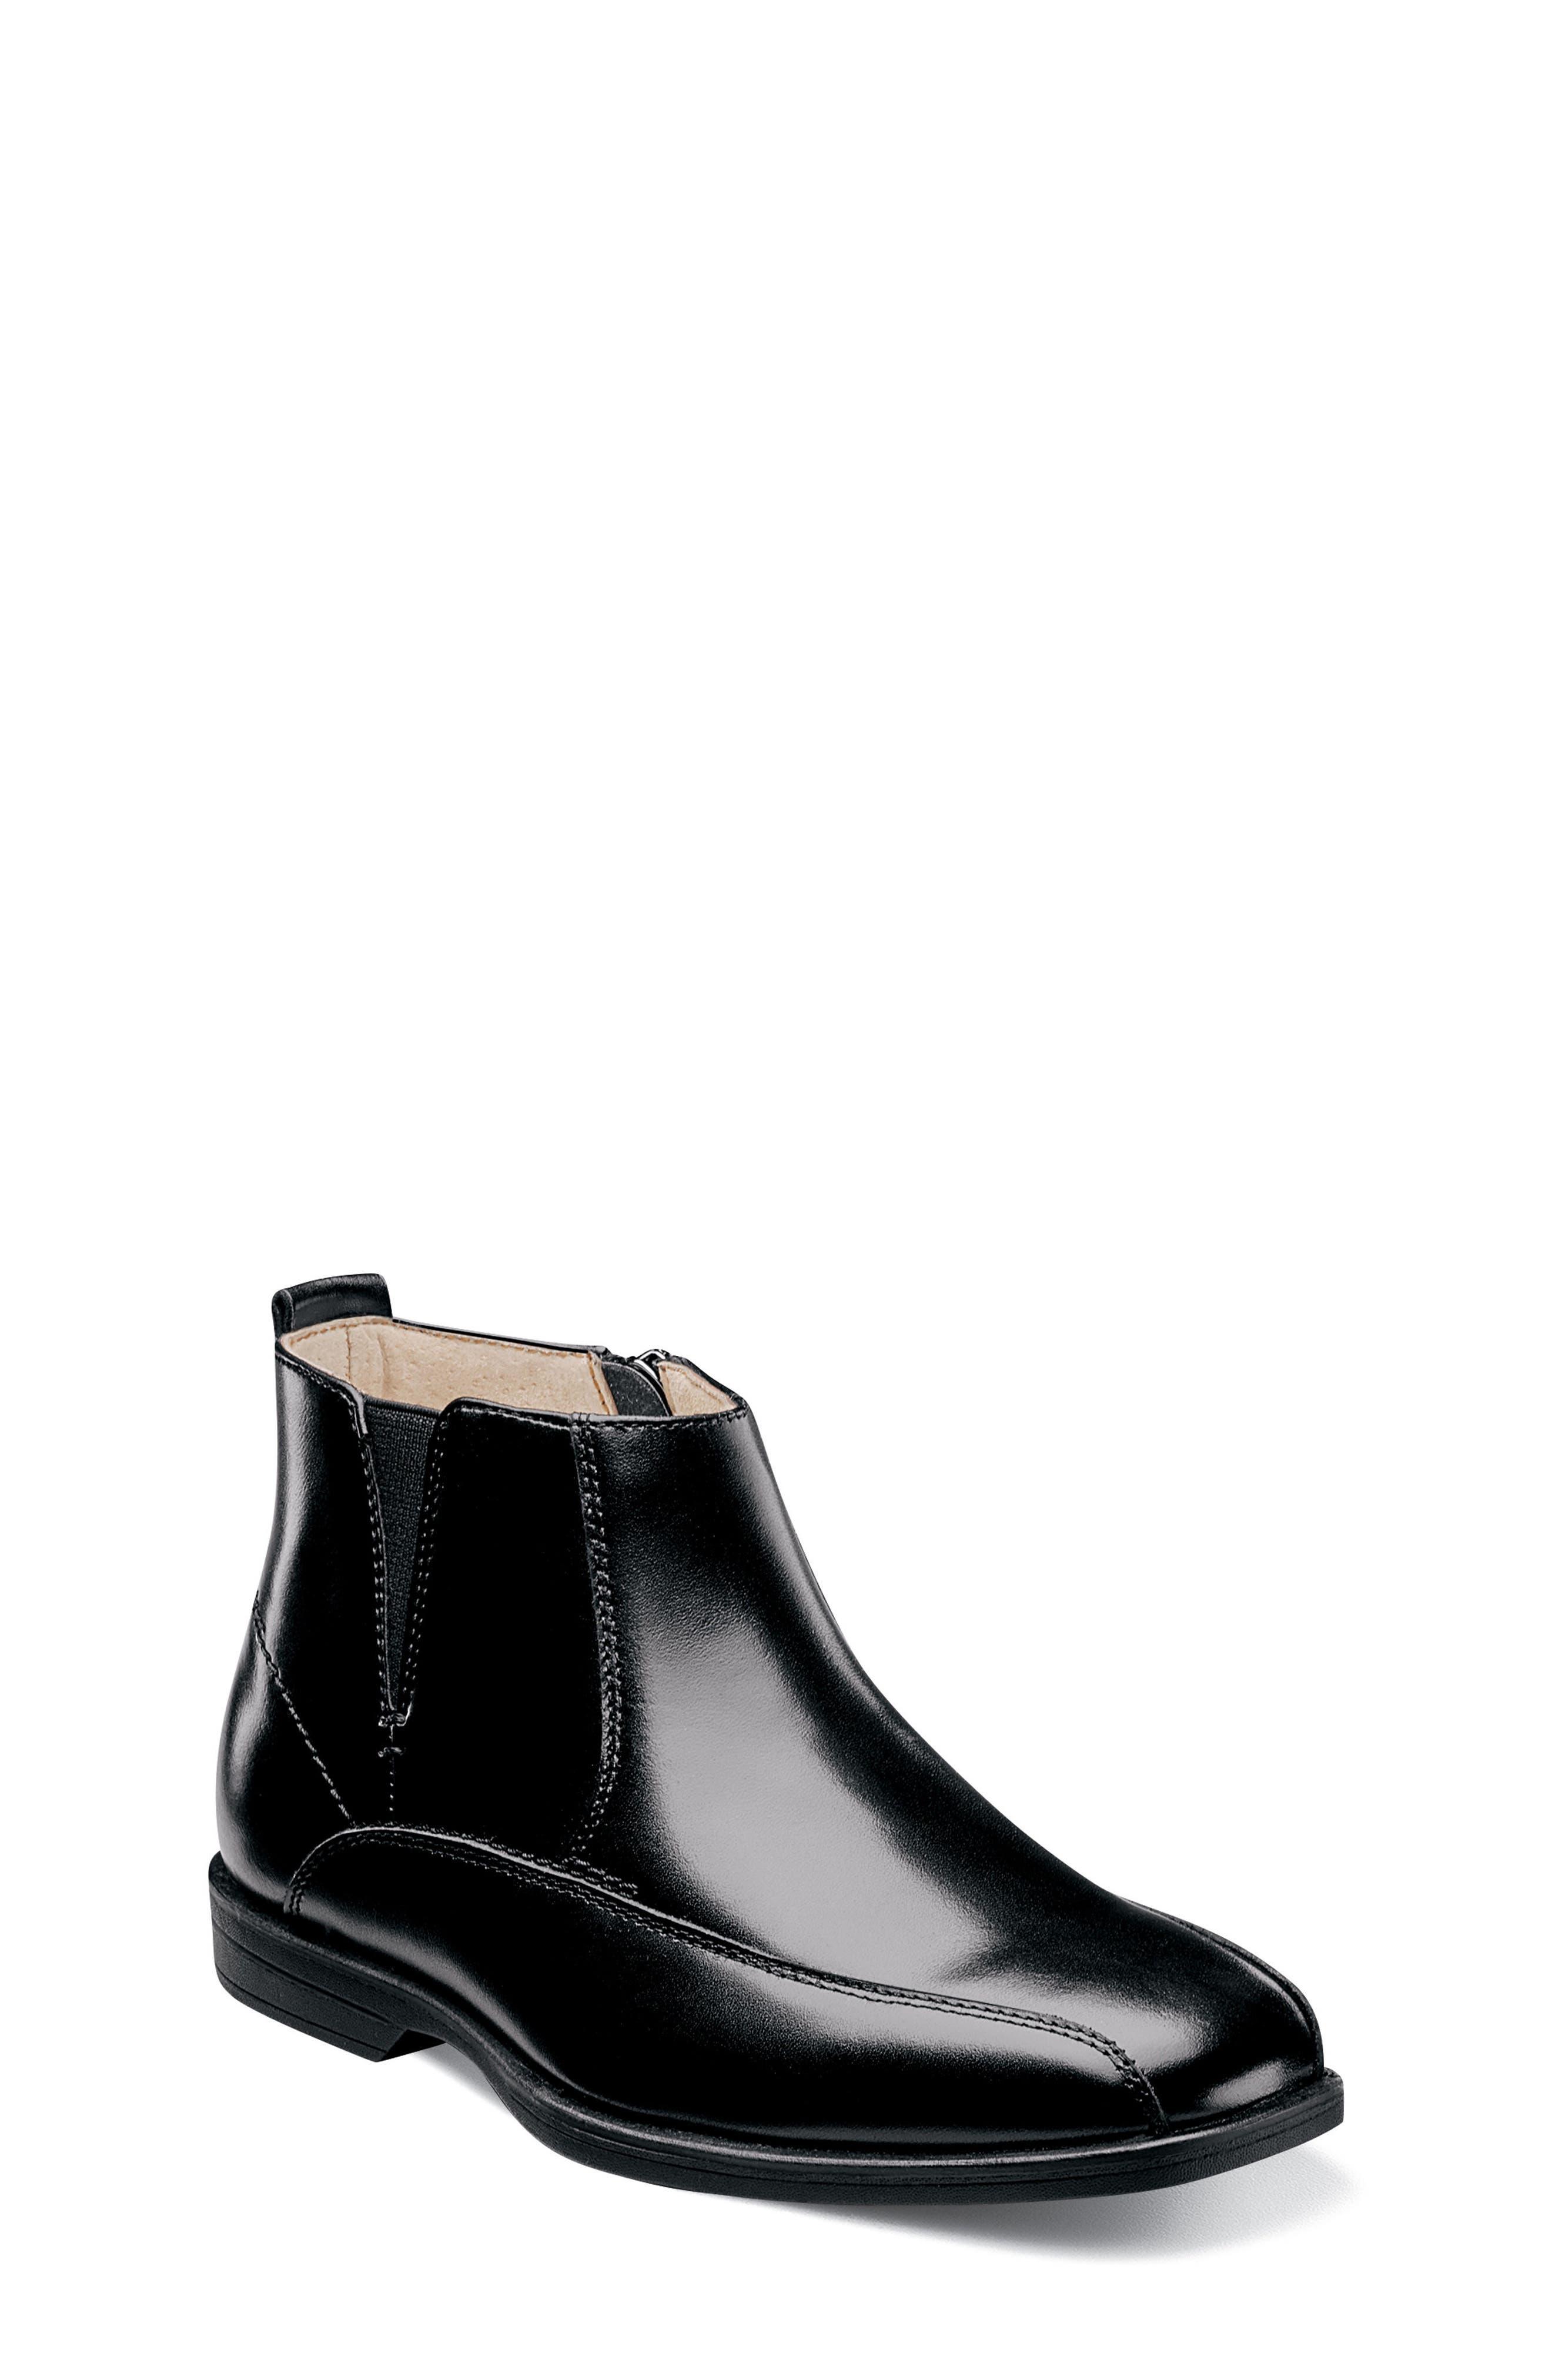 FLORSHEIM Reveal Chelsea Boot, Main, color, BLACK